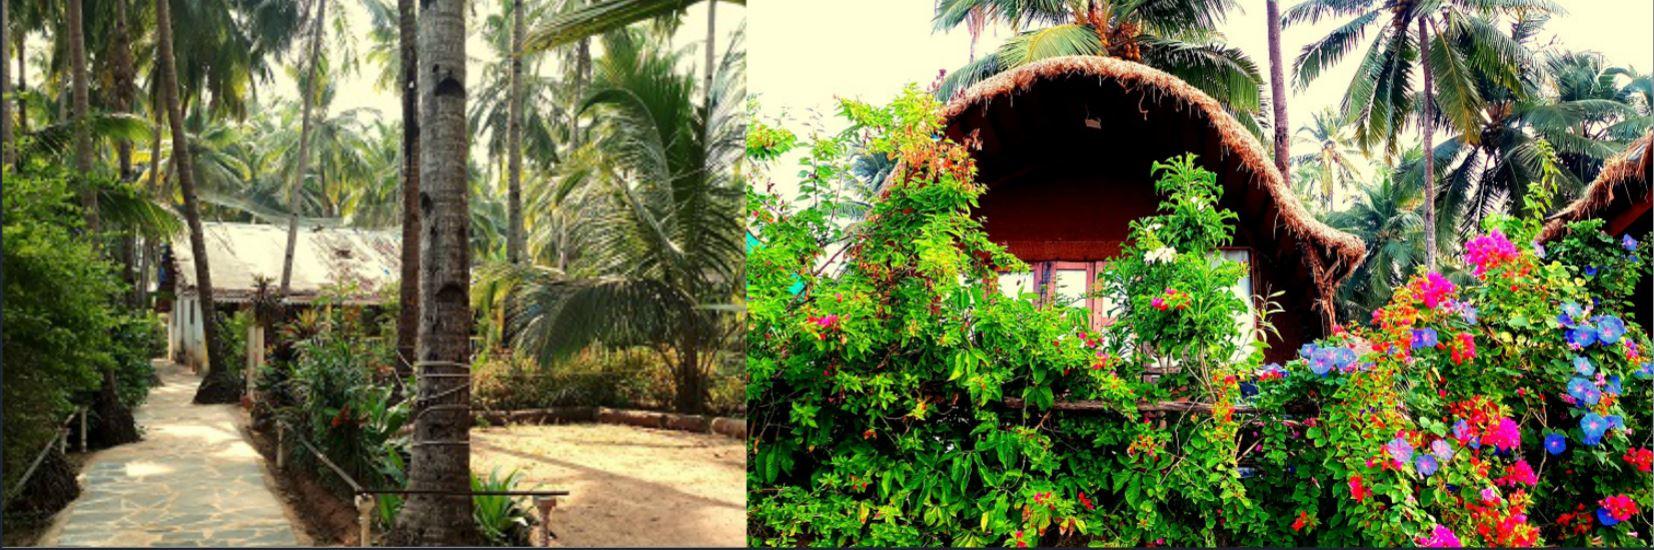 Accomodation YTTC in Goa